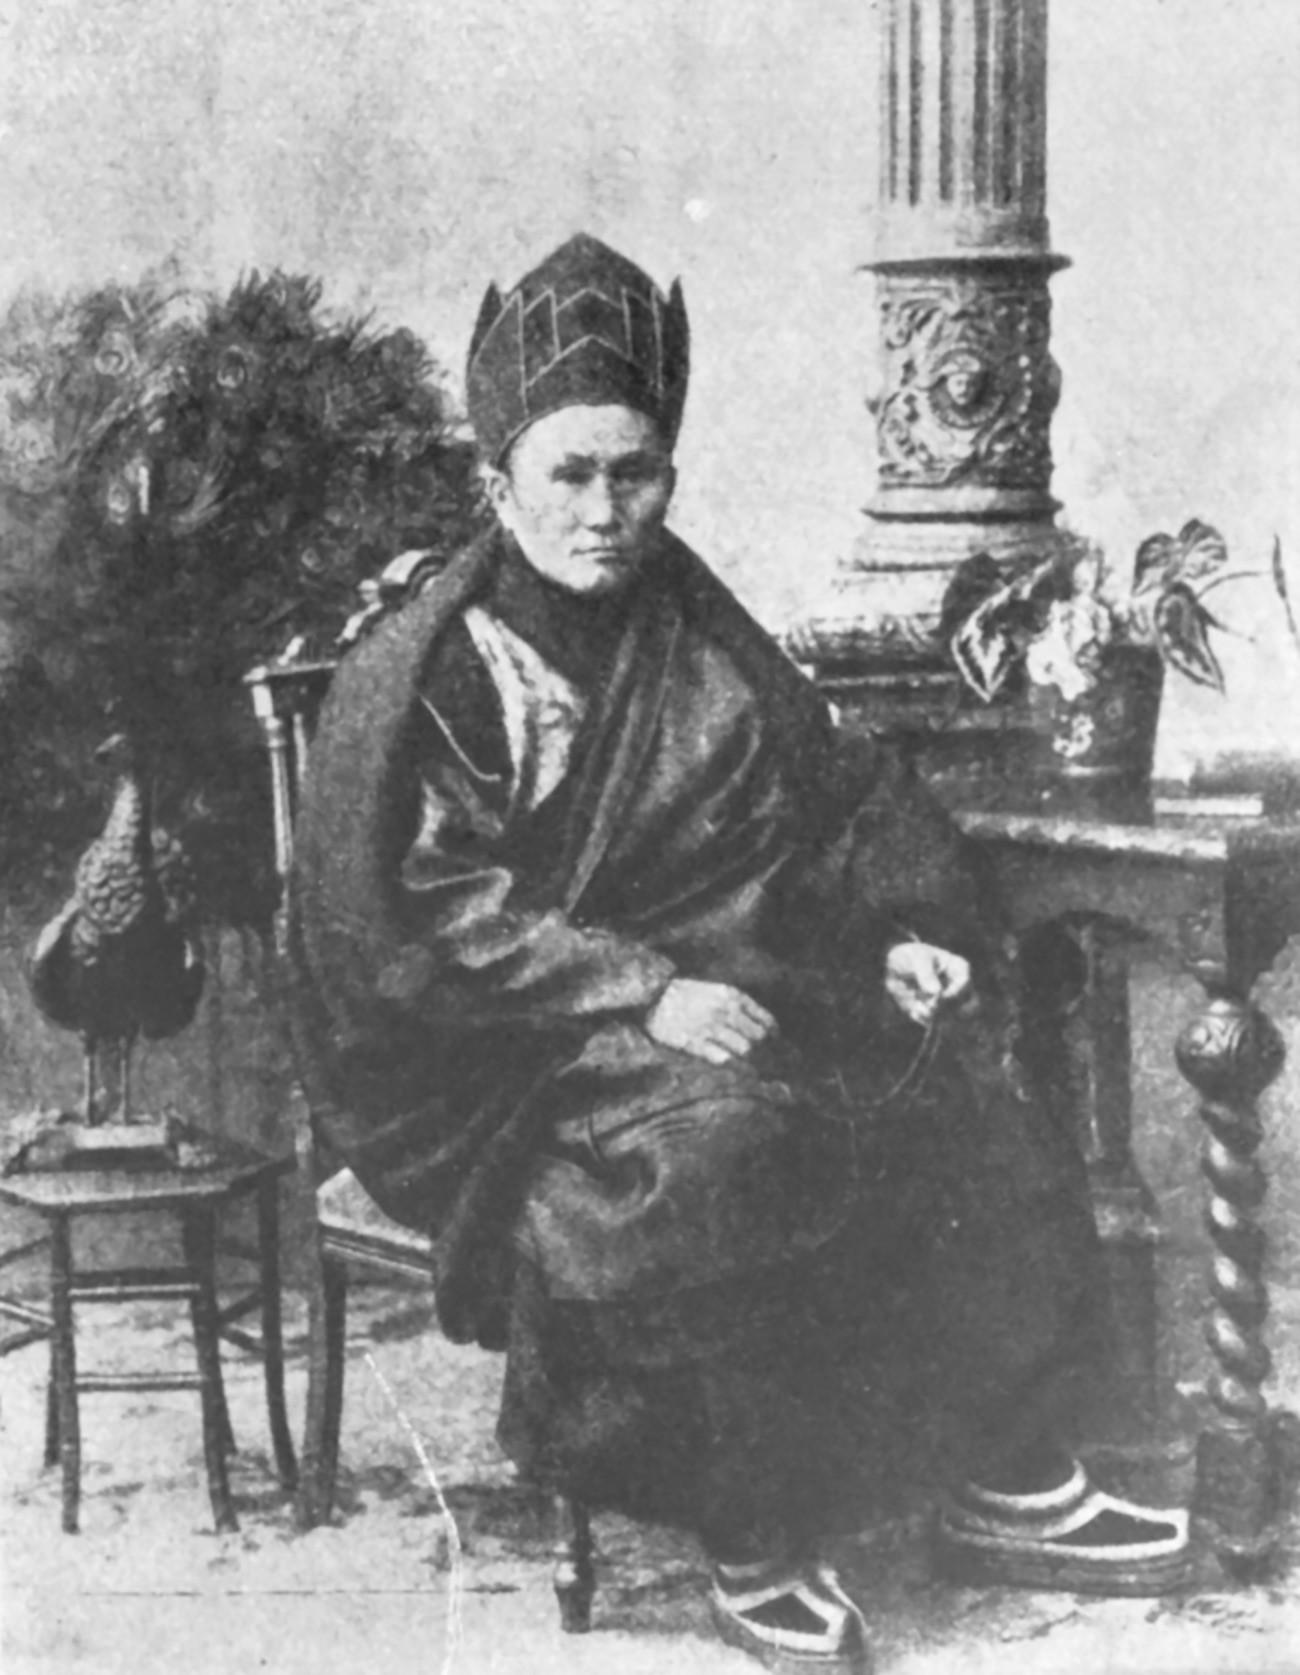 Агван Доржијев у будистичким одеждама.